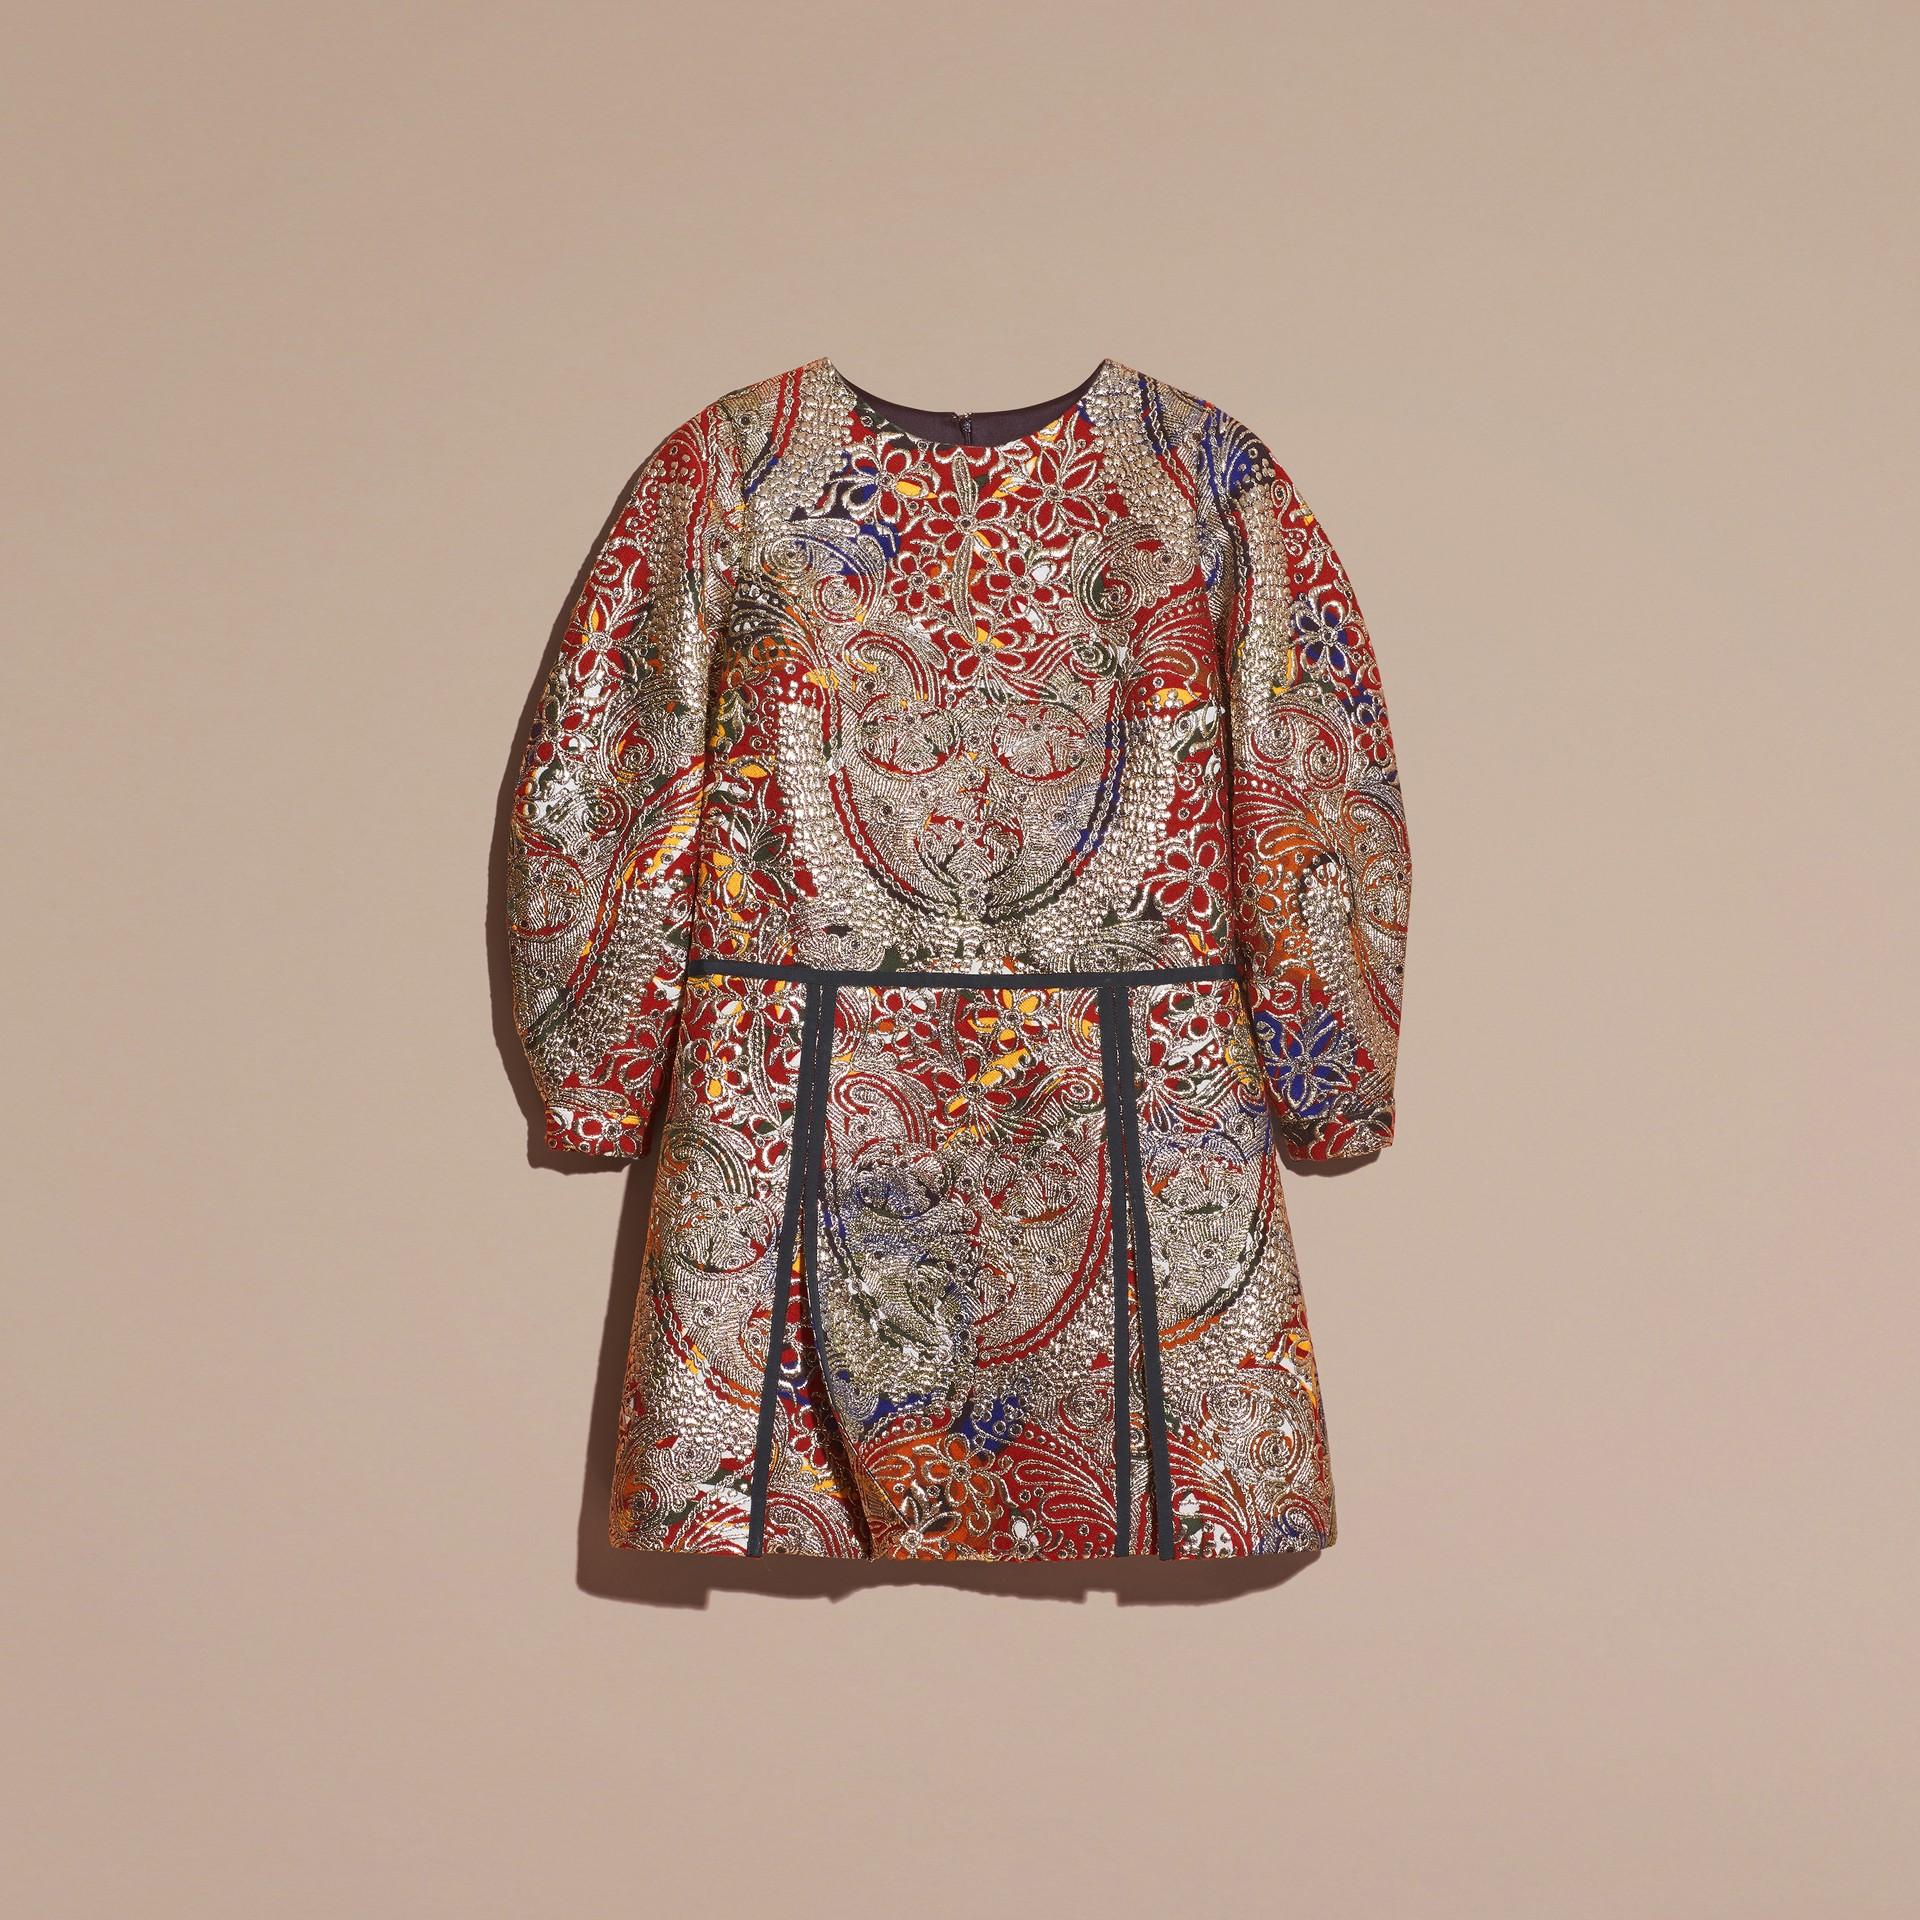 Brun roux Robe à manches sculpturales avec motif floral métallisé en jacquard - photo de la galerie 4